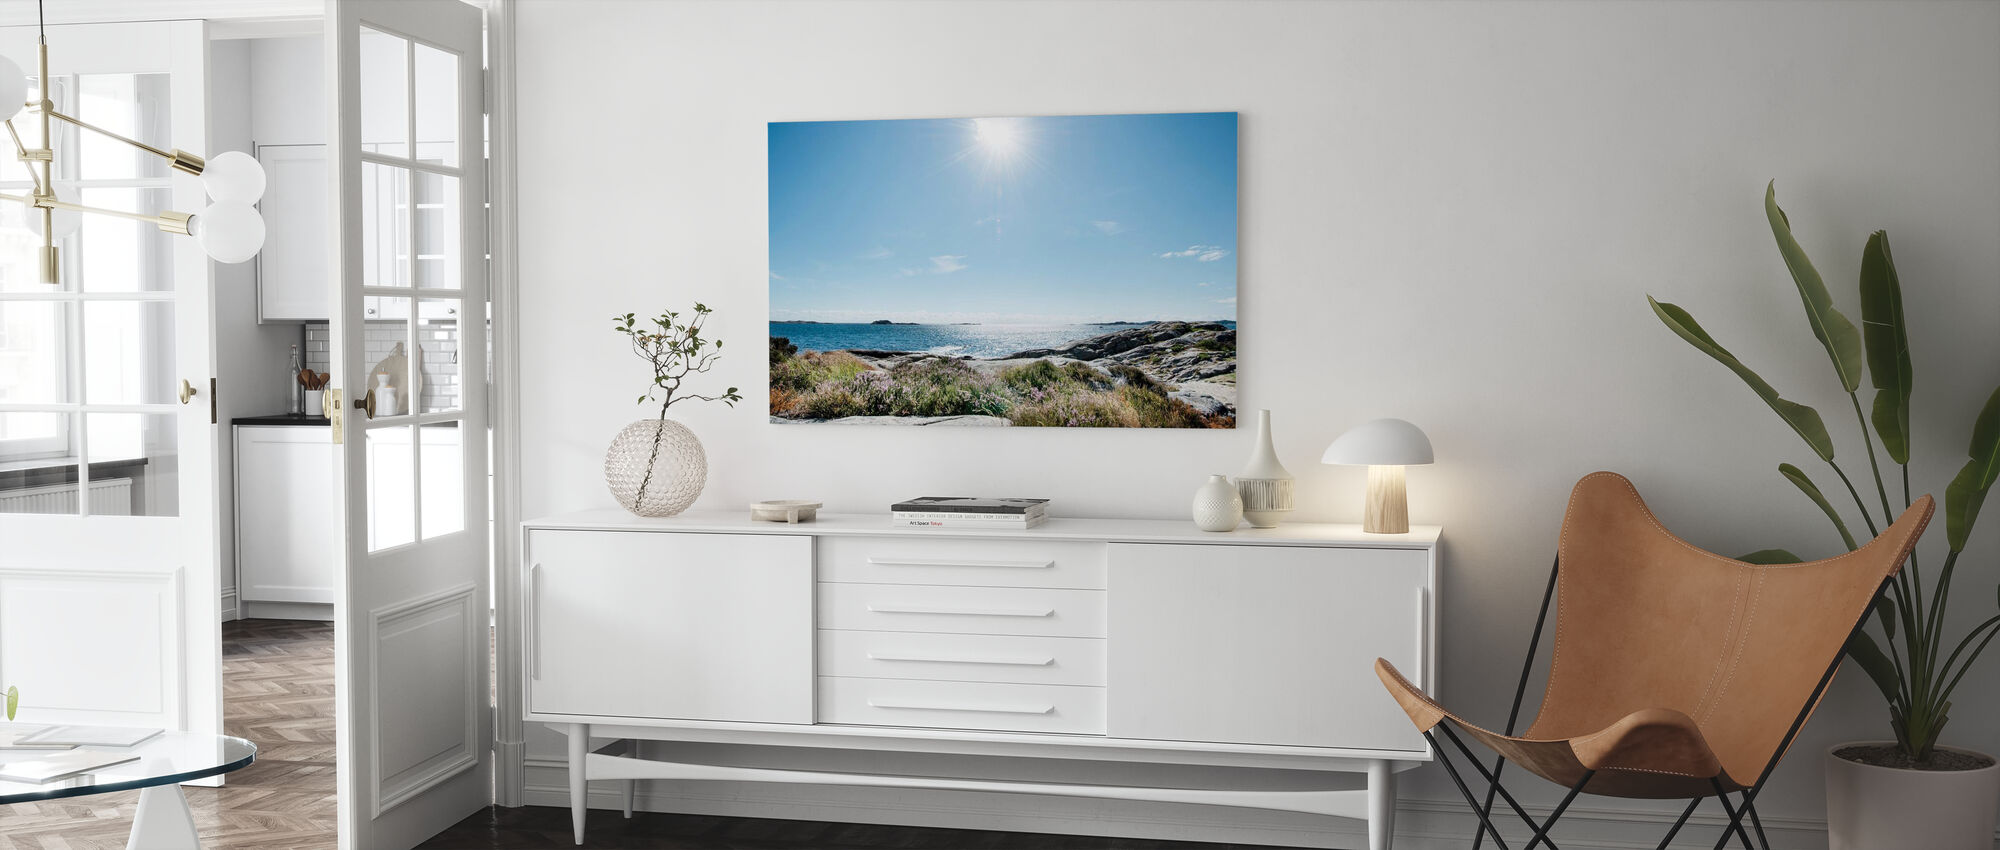 Havet i Bright Sunlight, Södra Norge - Canvastavla - Vardagsrum